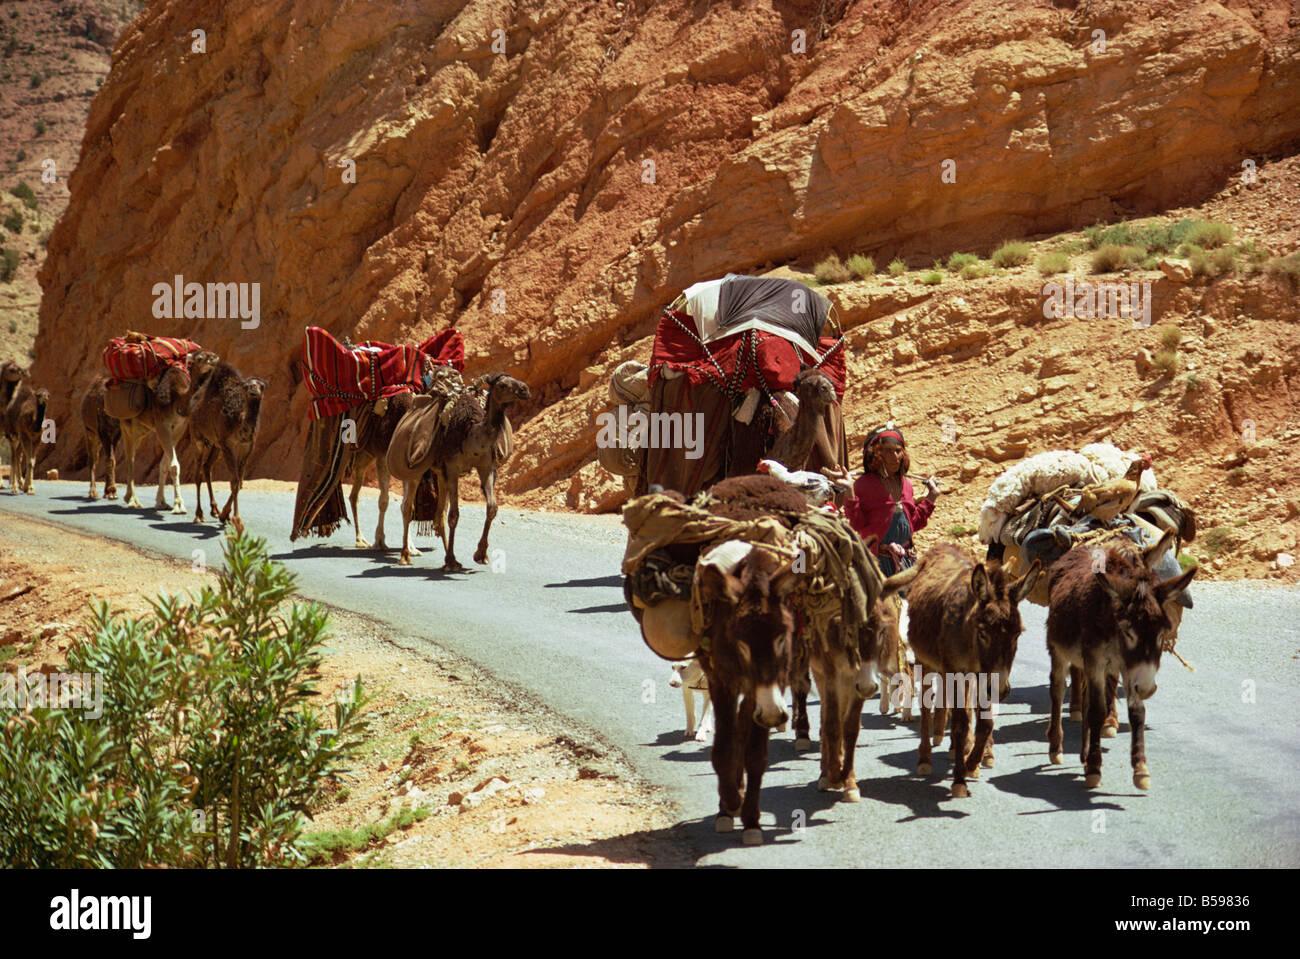 Gorges de l'Oued Abiod, Montagnes des Aurès, Algérie, Afrique du Nord, Afrique Photo Stock